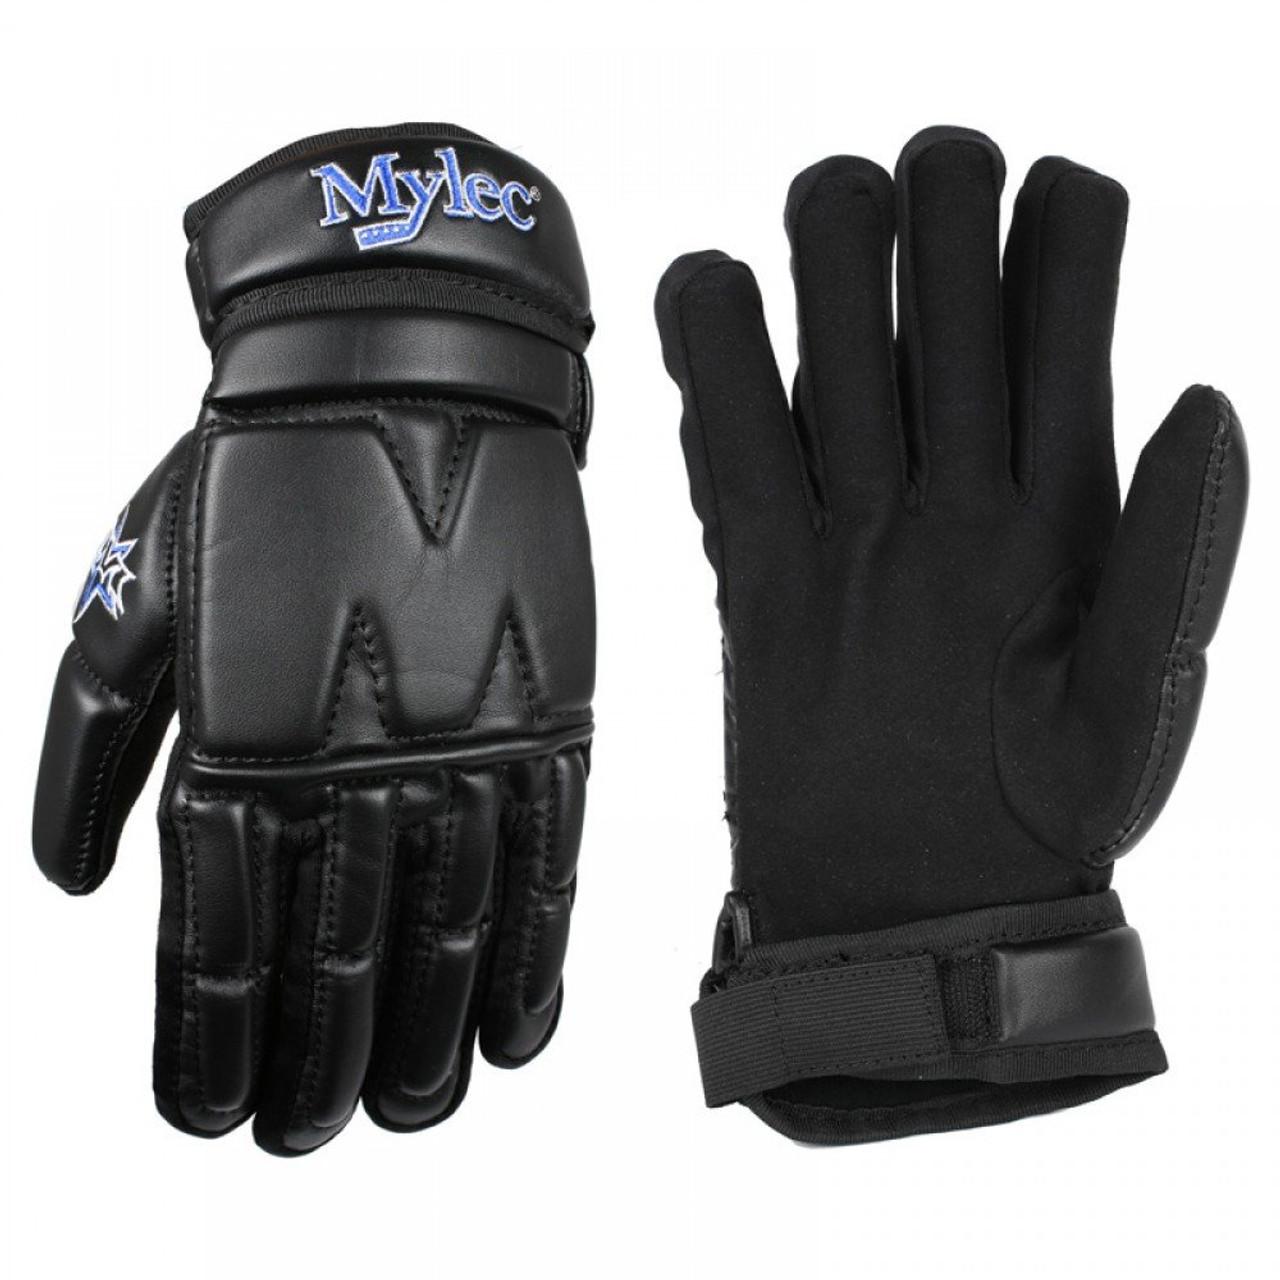 Mylec Street Hockey Gloves Black